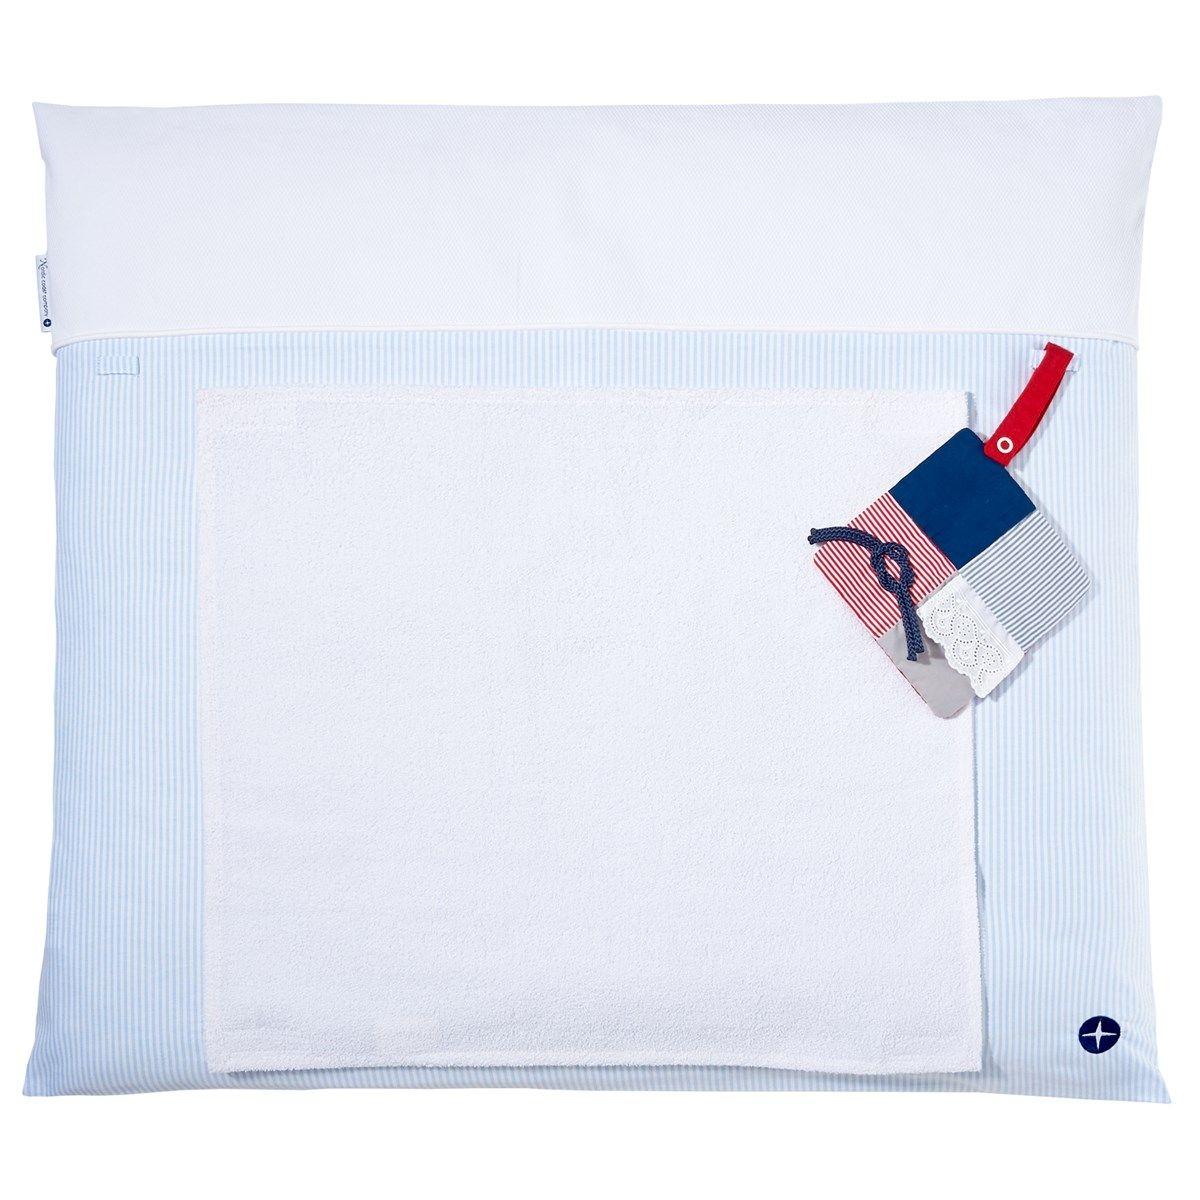 Matelas à langer 70x80cm lavable tissu en bleu avec serviette imperméable